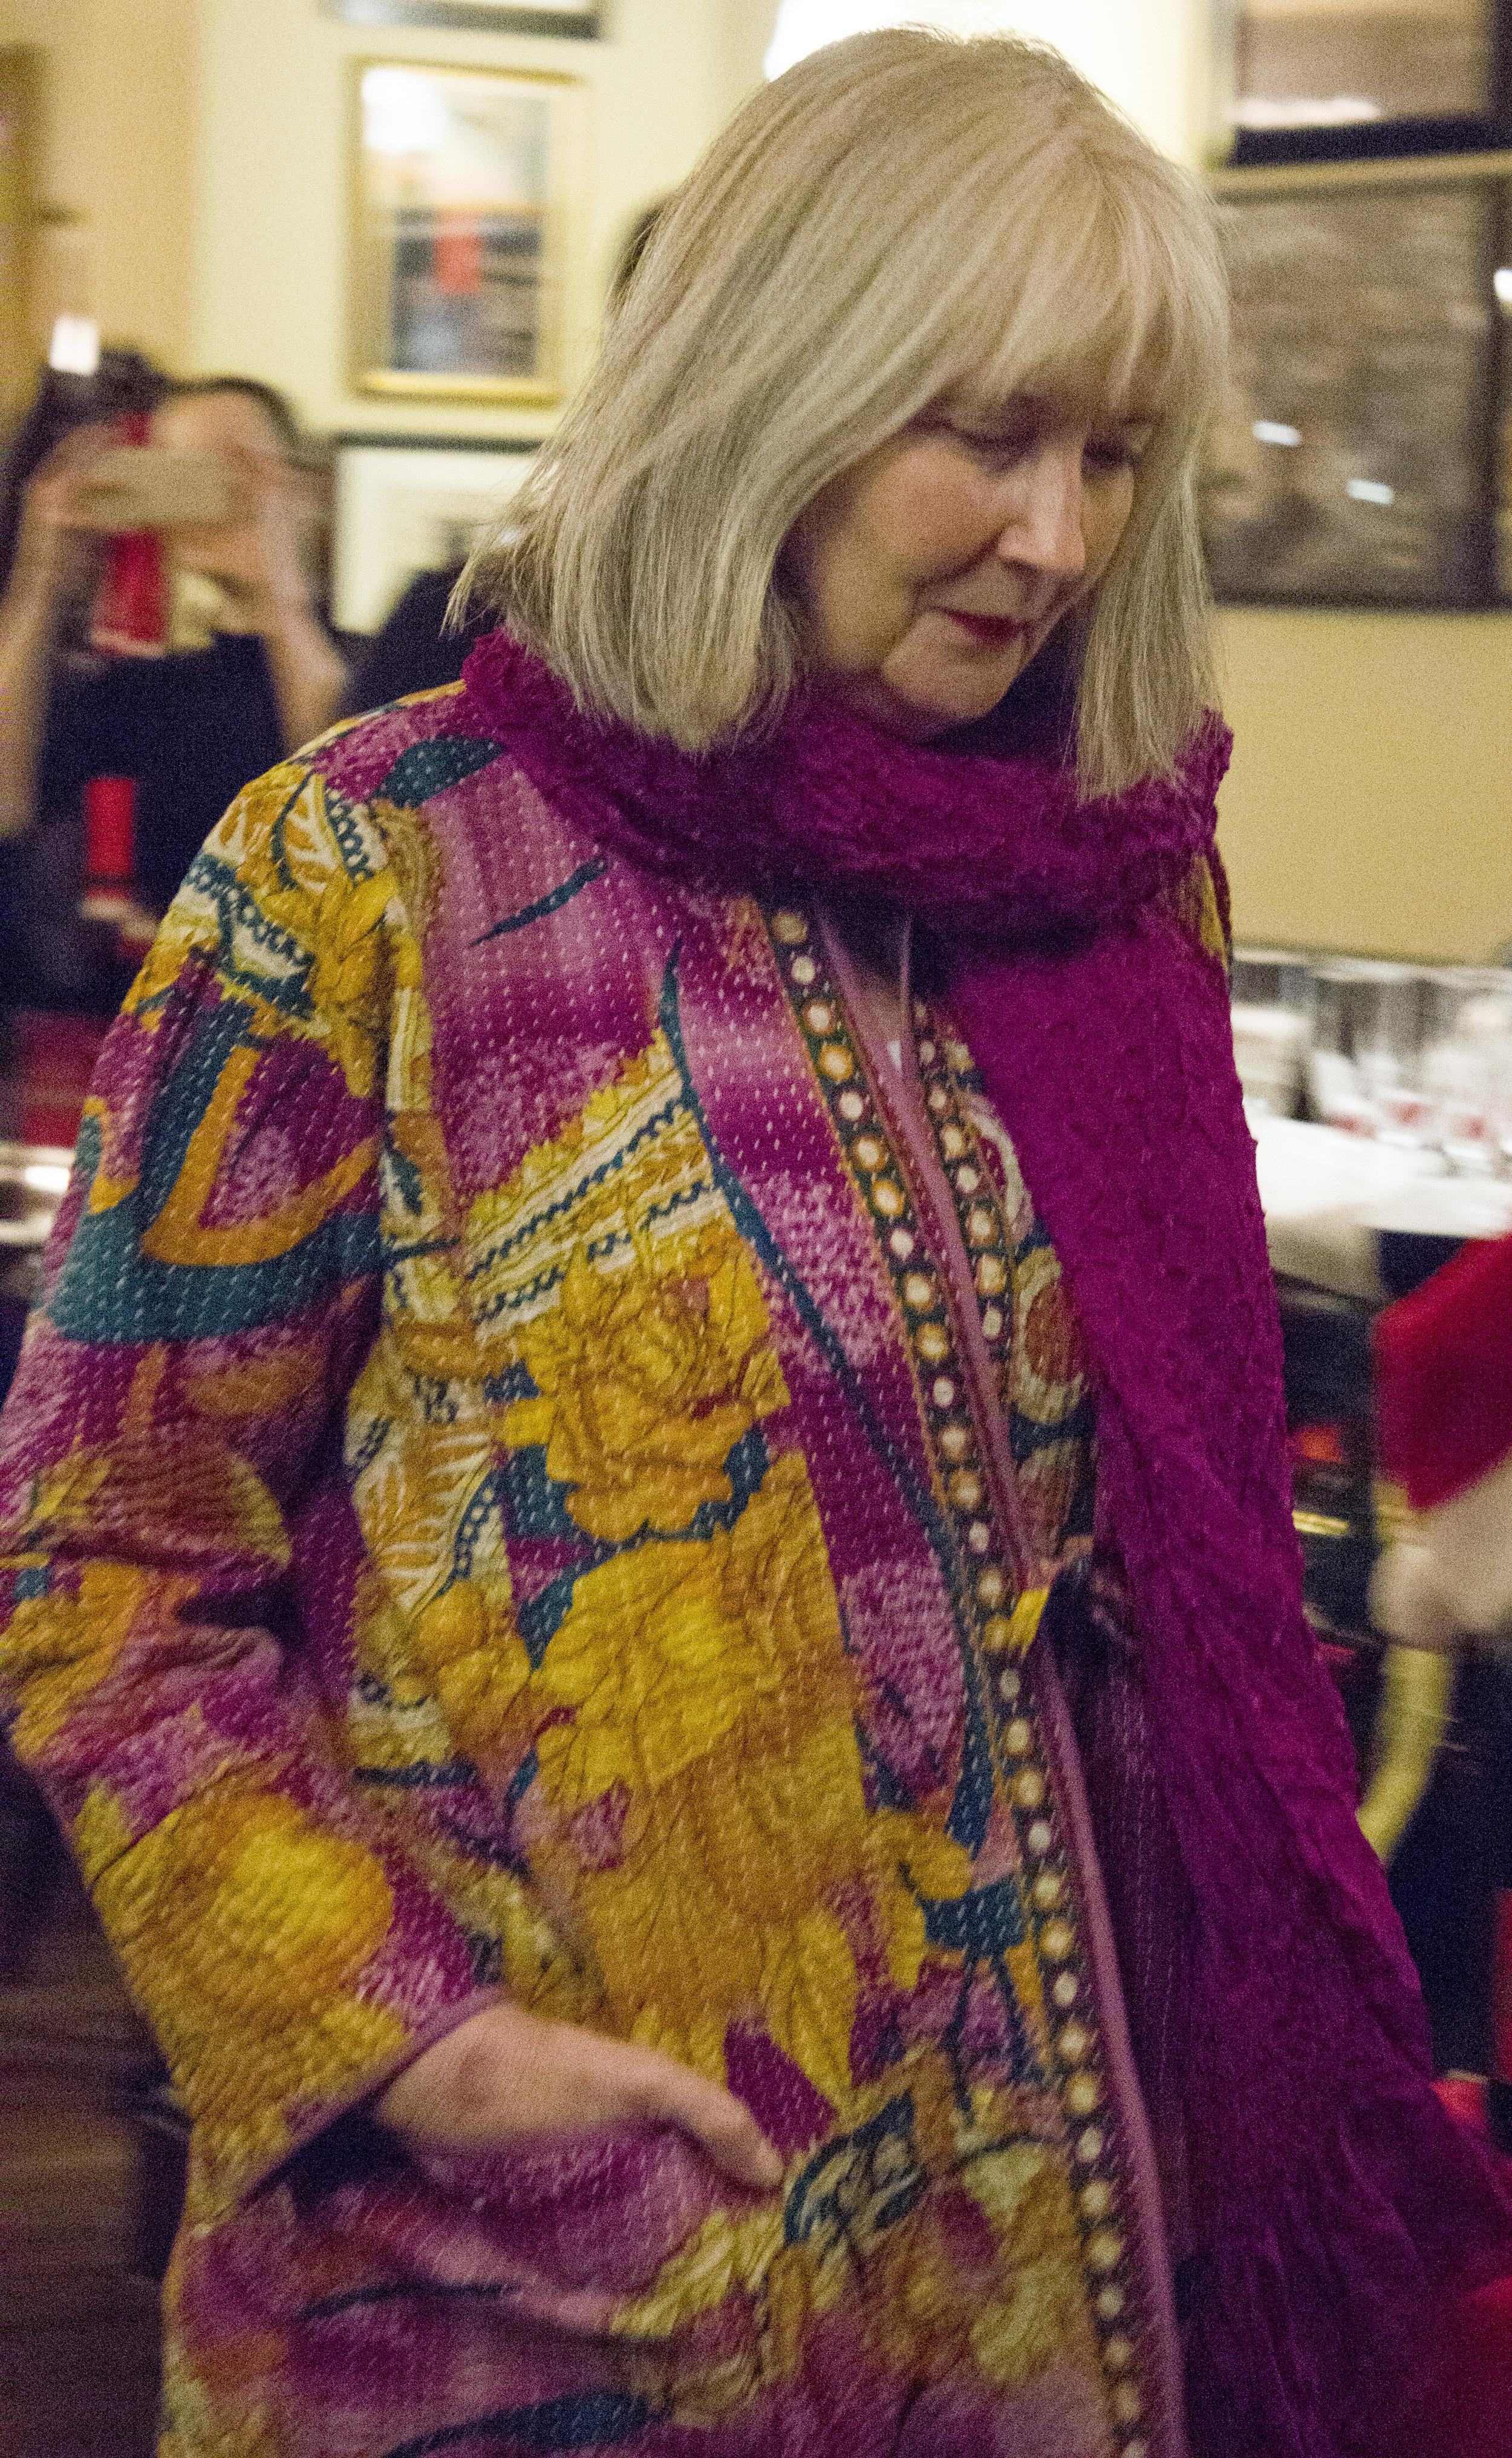 Stephanie wears Jaadu's classic kantha stitch robe